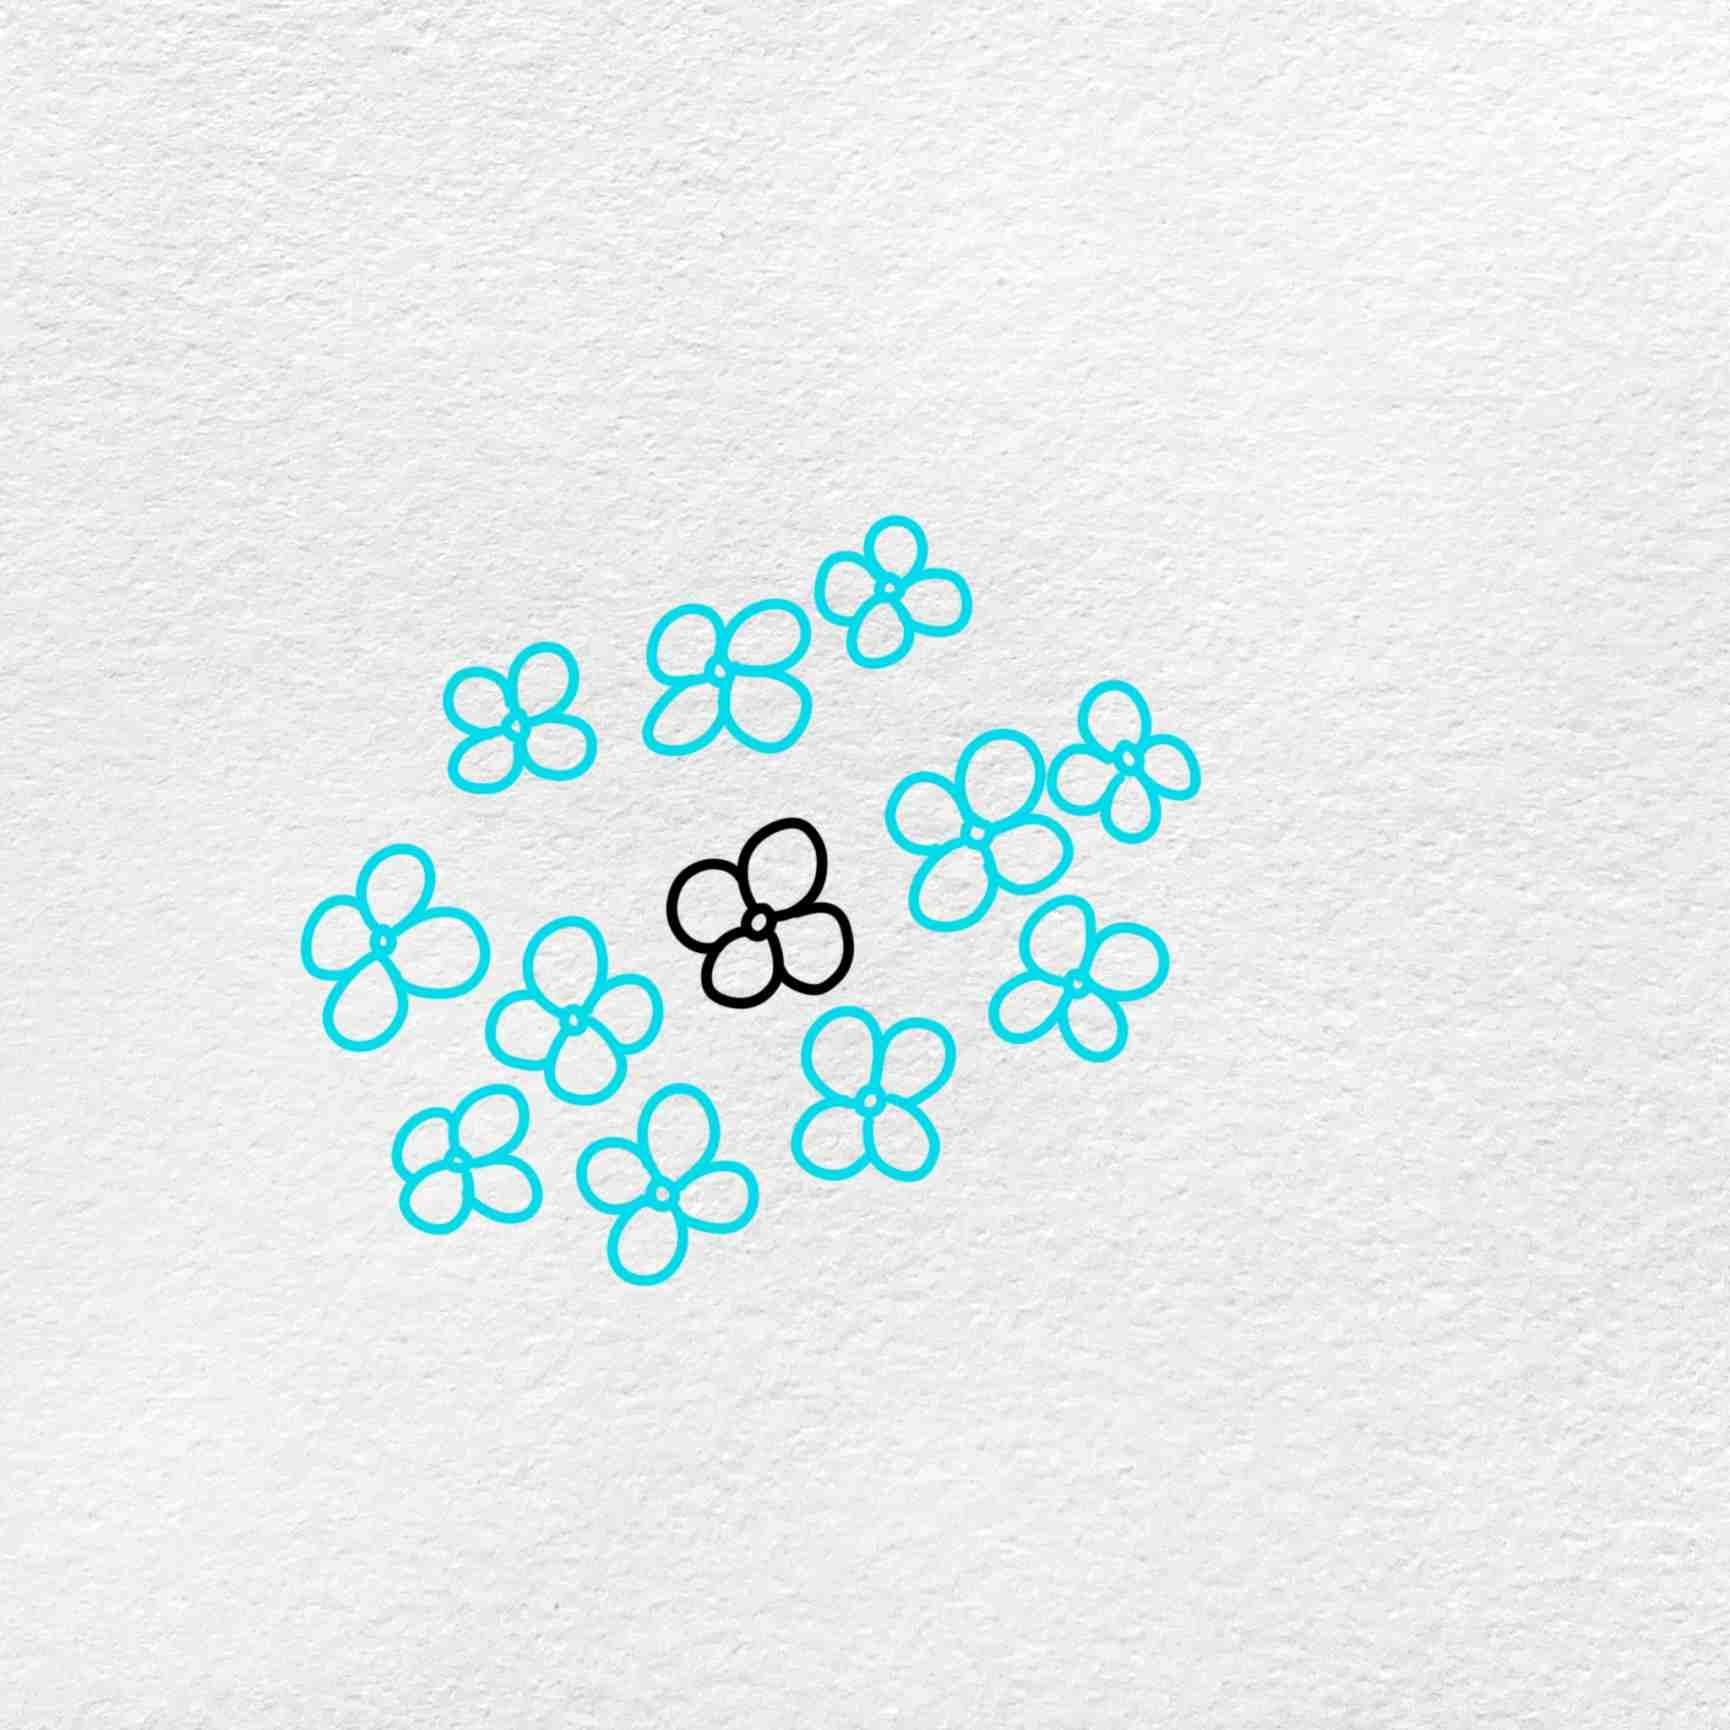 How To Draw Hydrangea: Step 2